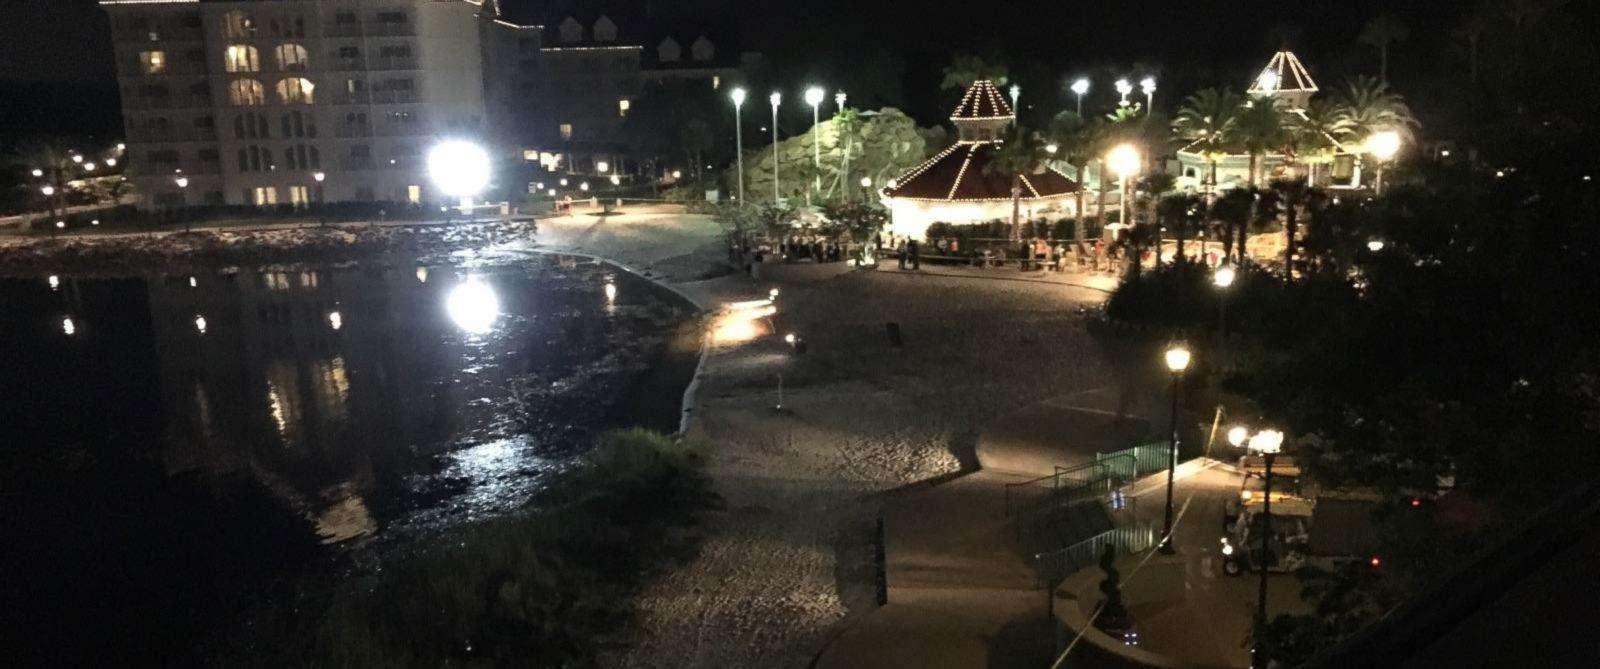 Polícia procura por criança de 2 anos arrastada por jacaré em resort da Disney